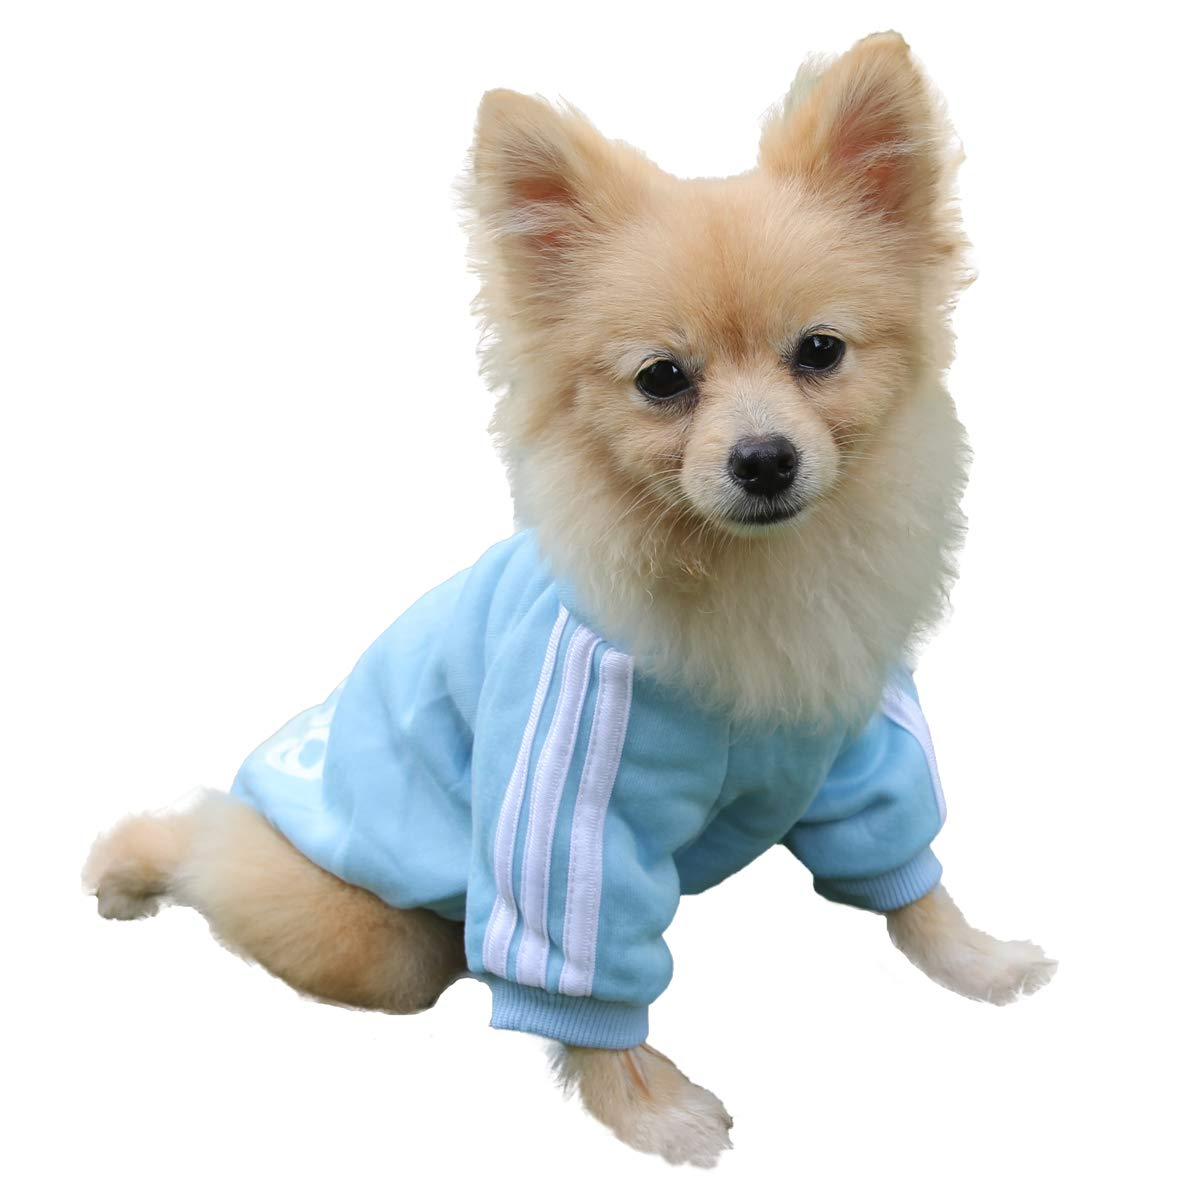 QiCheng& LYS AD. Dog Chien Capuche Vêtements, pour Animal Domestique Chiot Chat Mignon Coton Chaud Capuche Manteau Pull